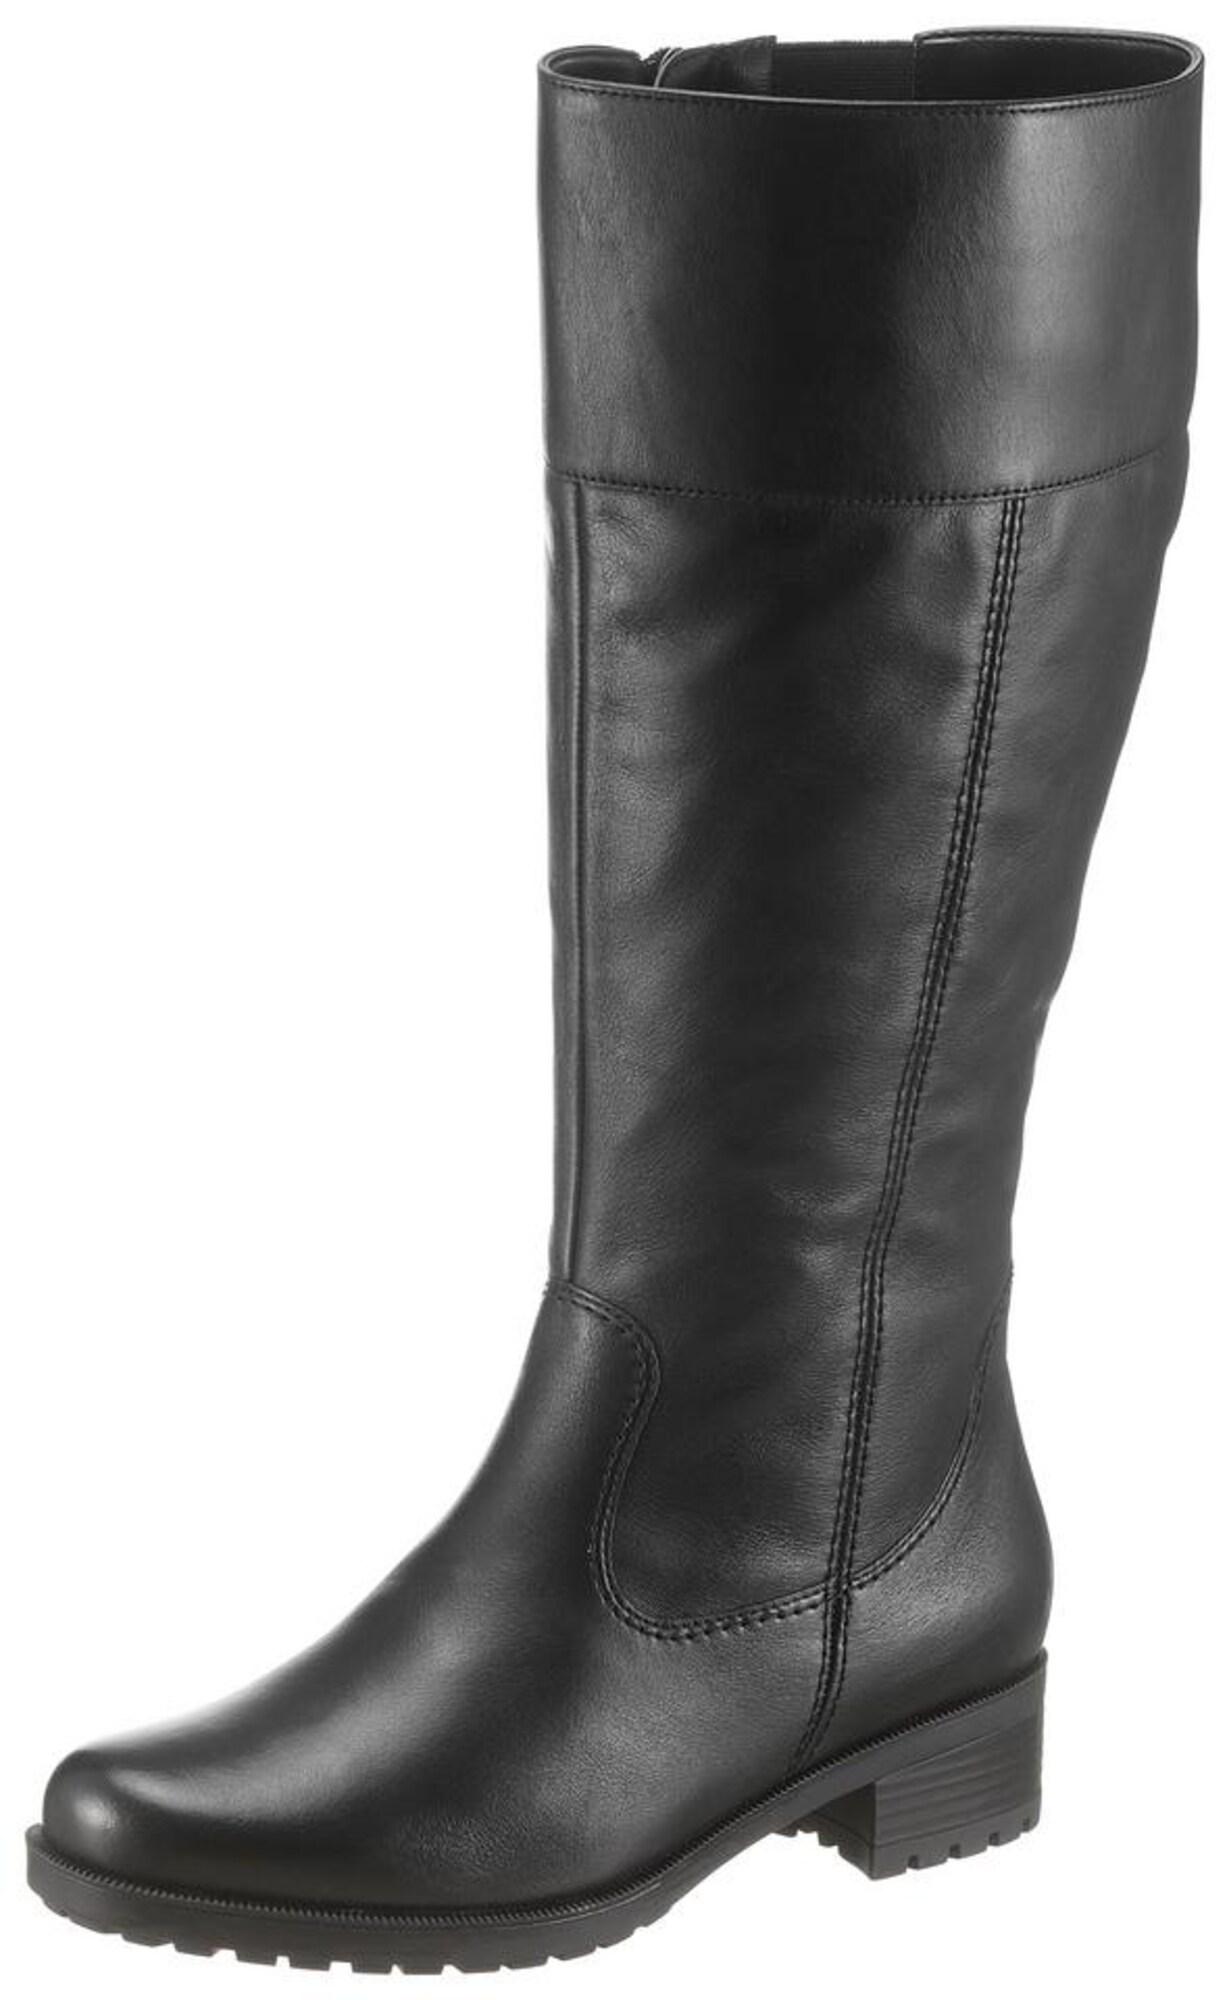 Weitschaftstiefel | Schuhe > Stiefel | Ara